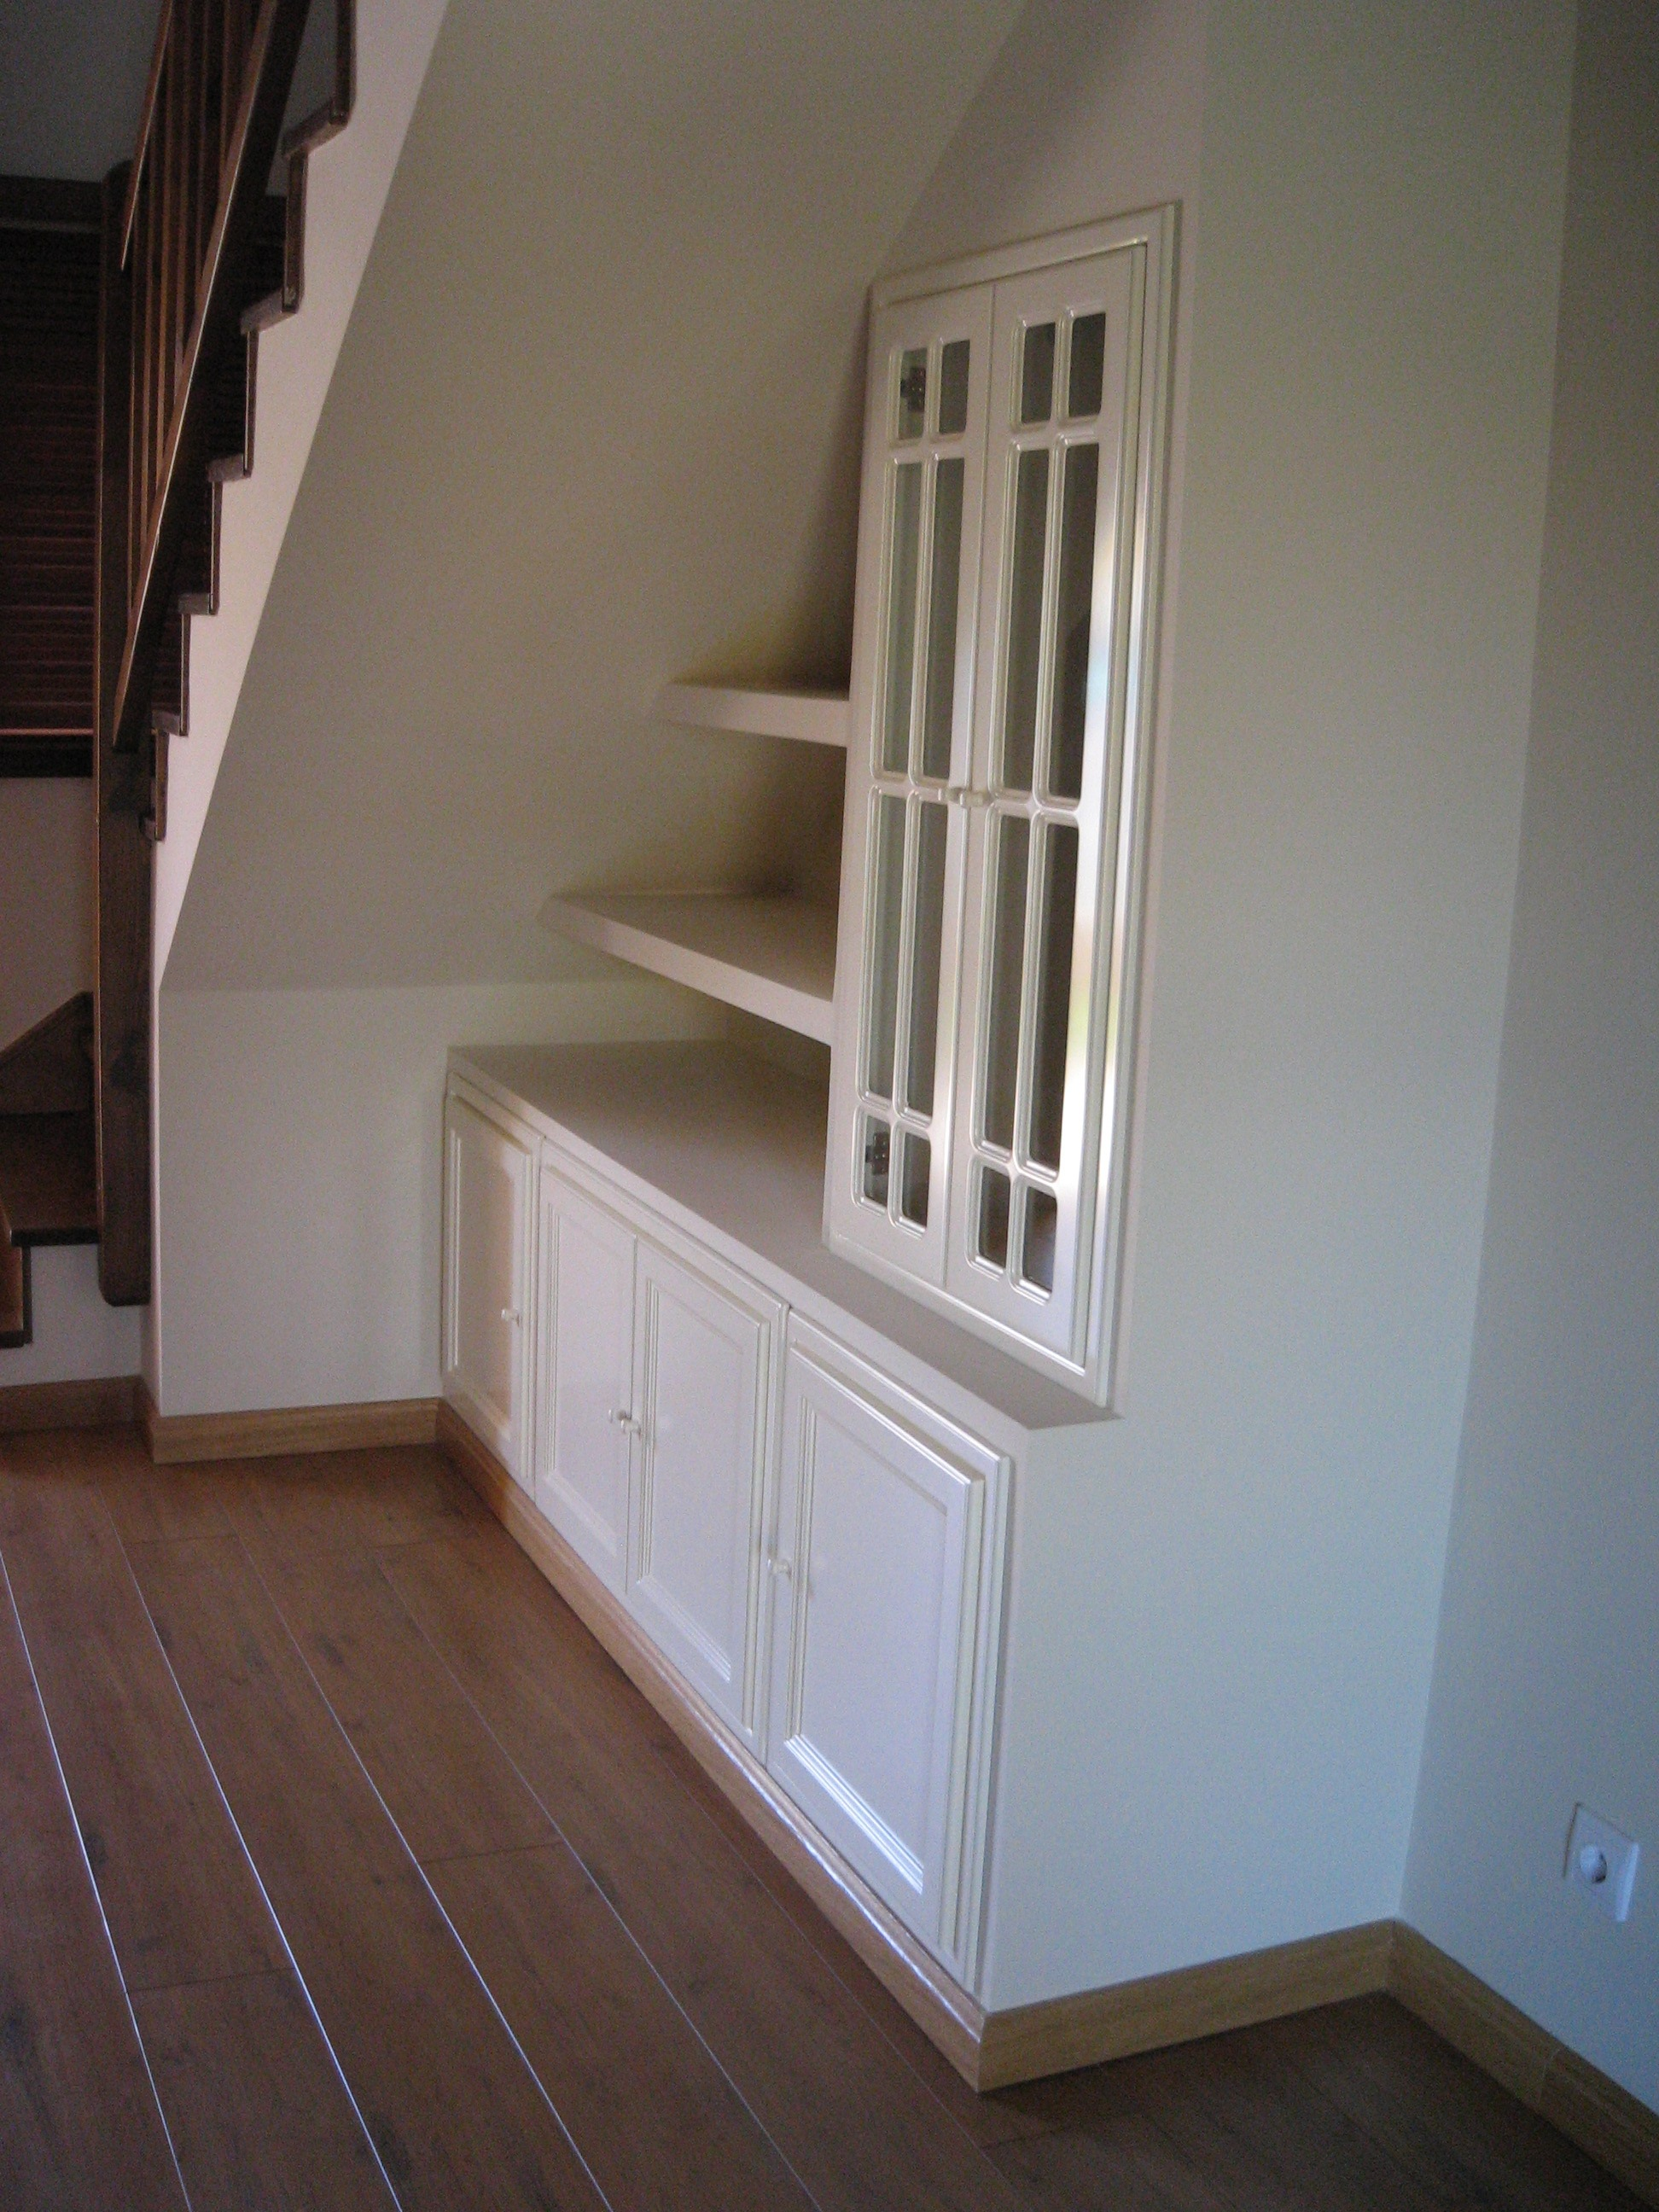 Aprovechar hueco bajo escalera con pladur reformas y decoraci n de interiores en le n - Muebles de pladur para salon ...